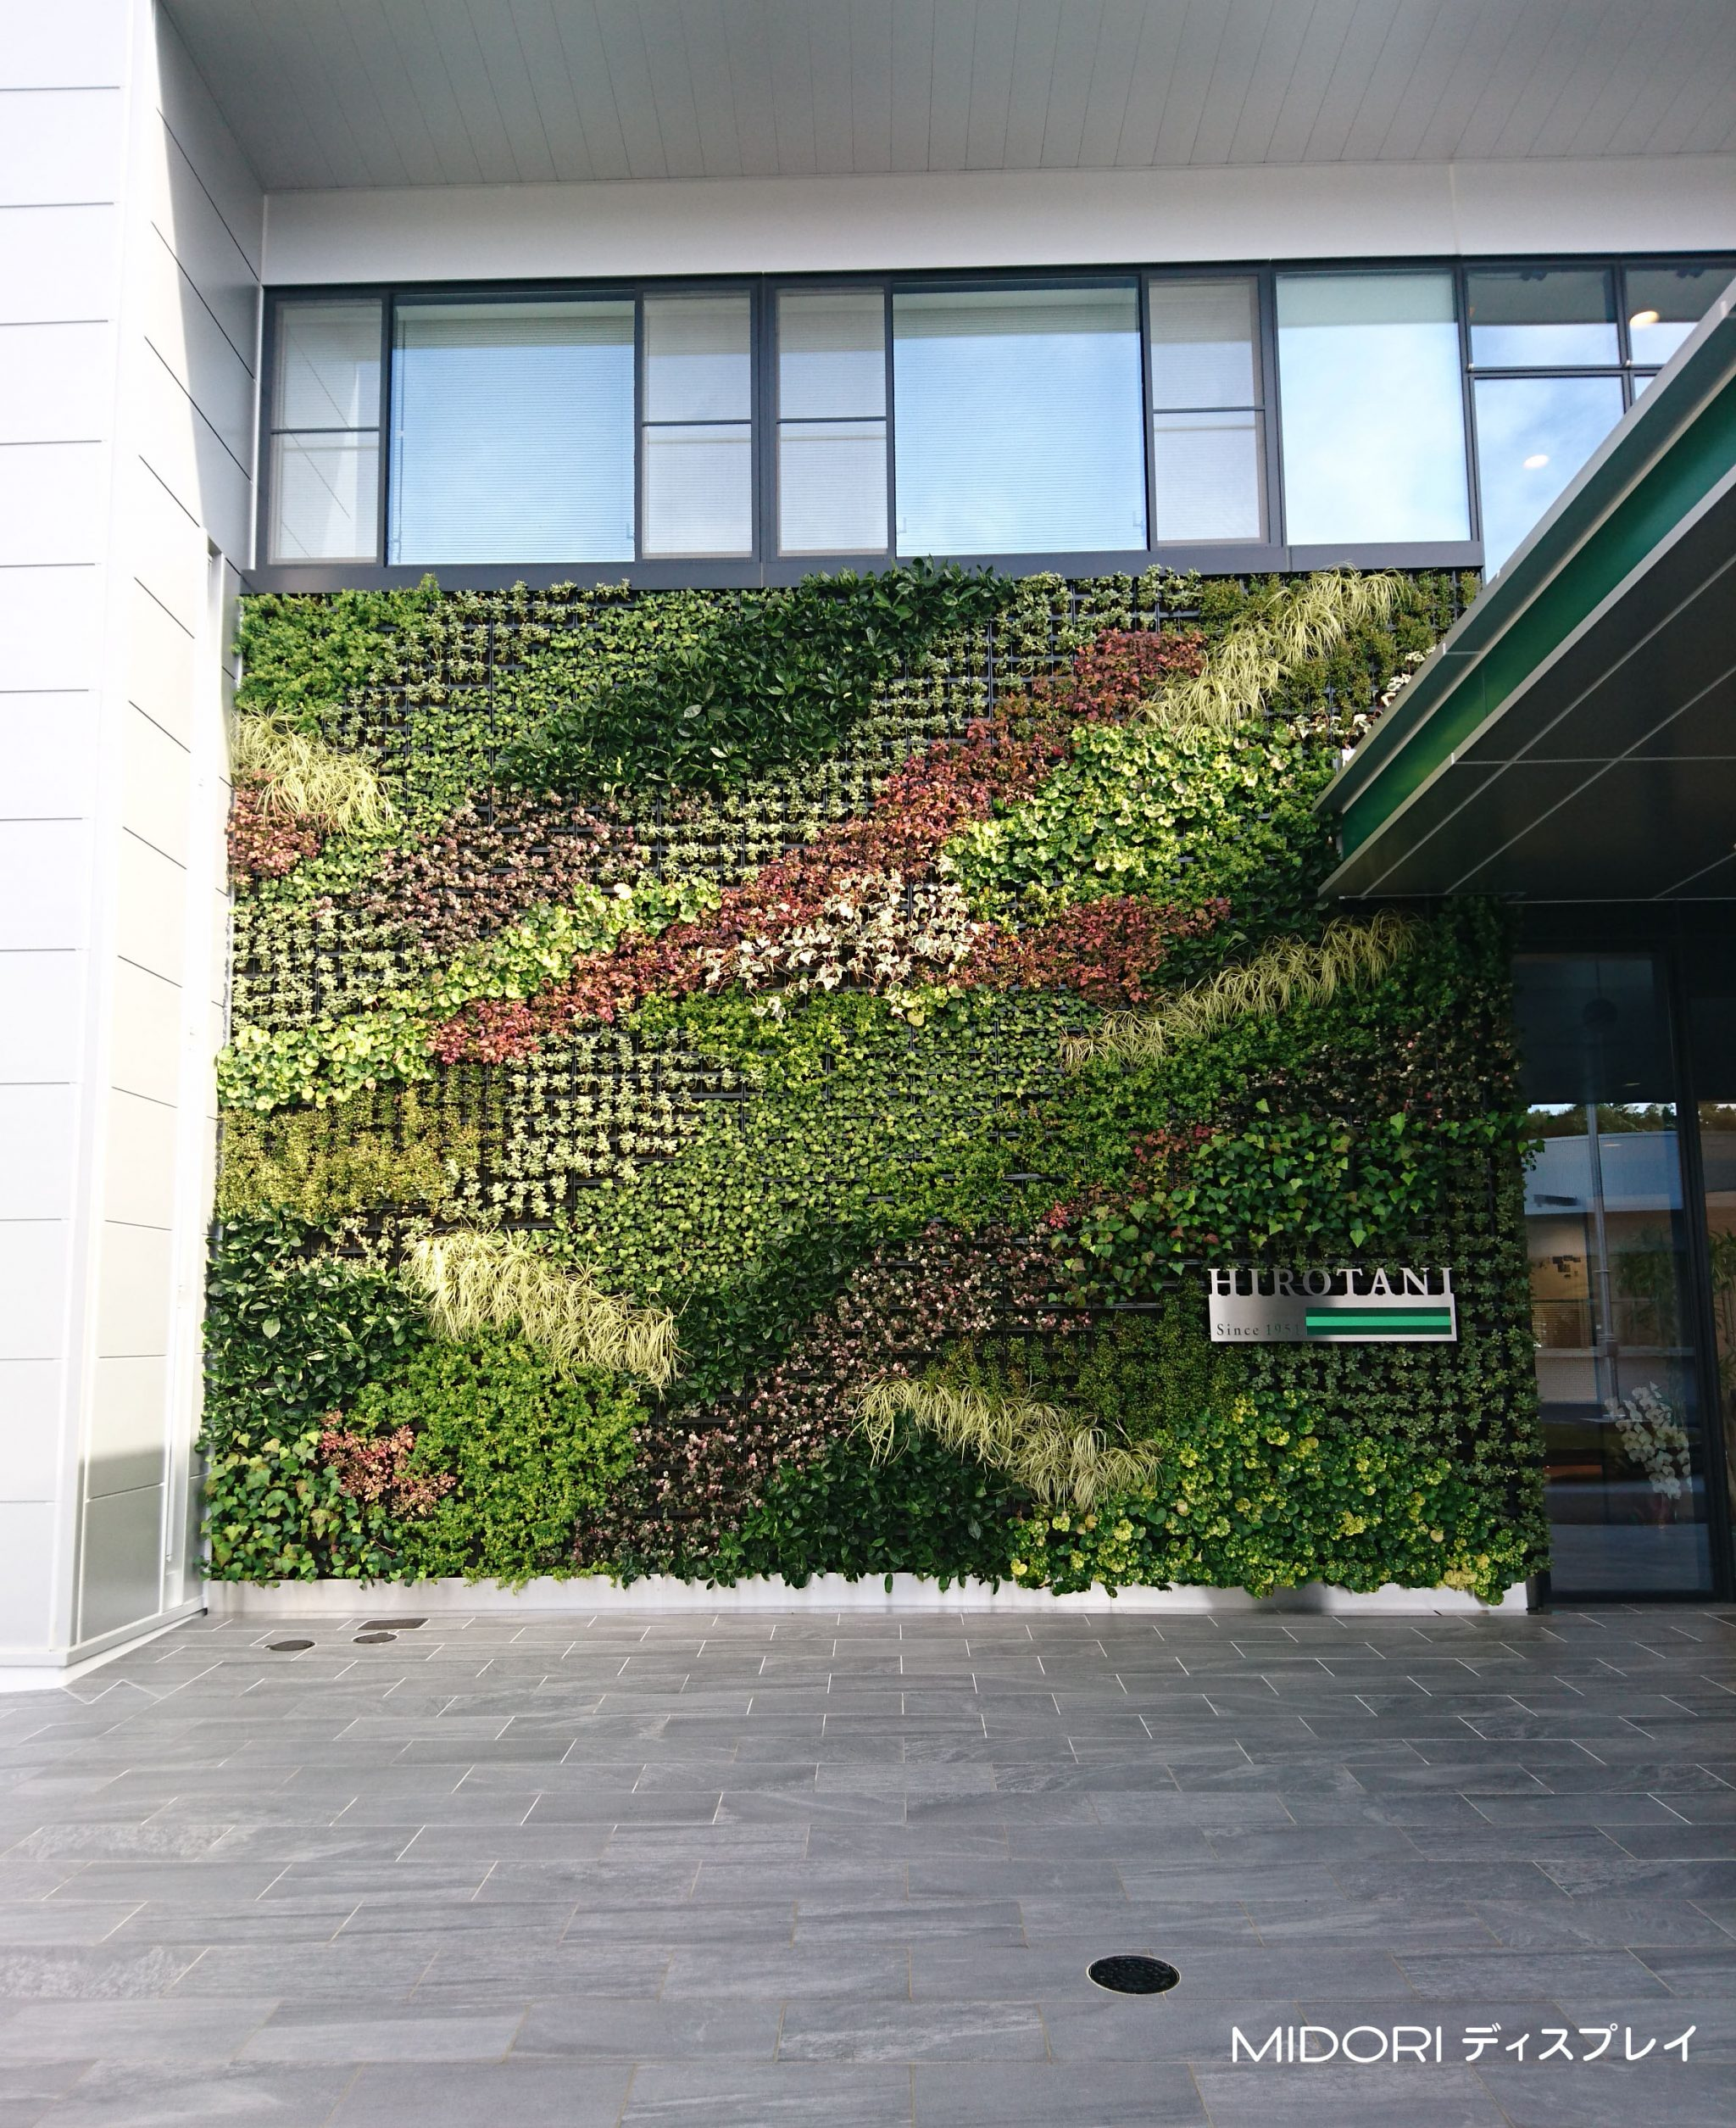 季節の移ろいを感じる壁面緑化